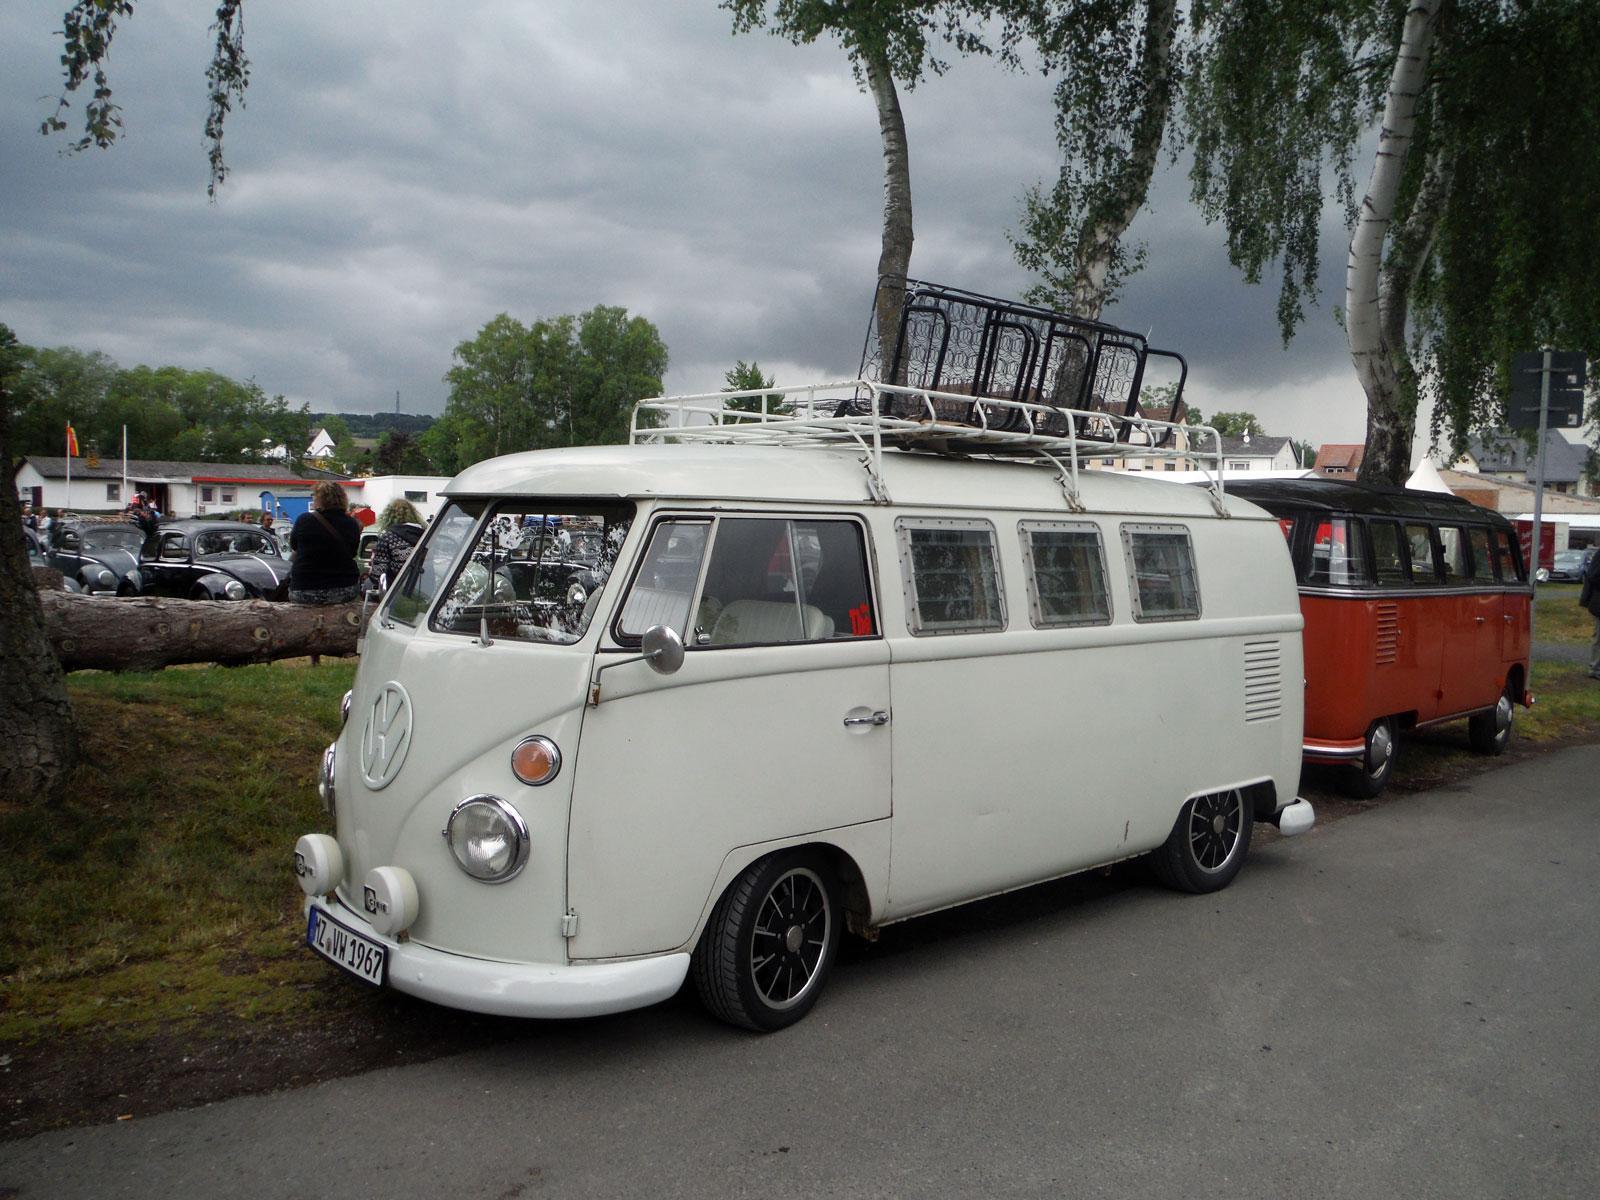 My bus at Bad Camberg 2015